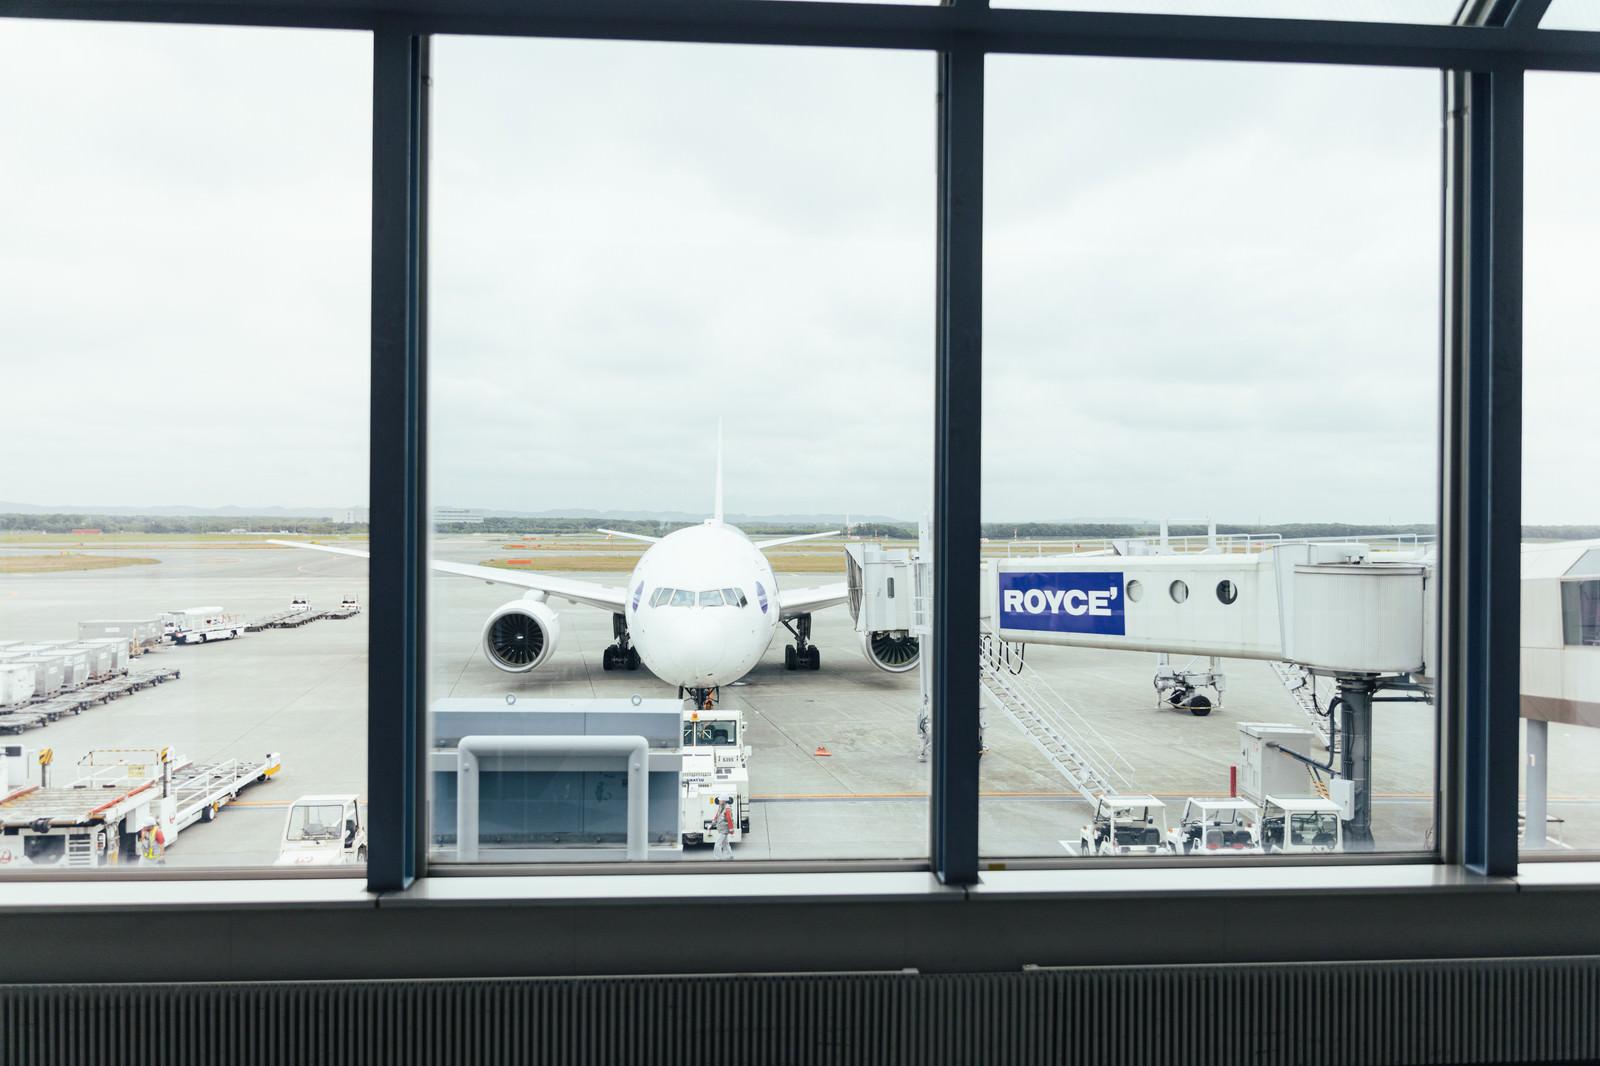 「空港の旅客機」の写真